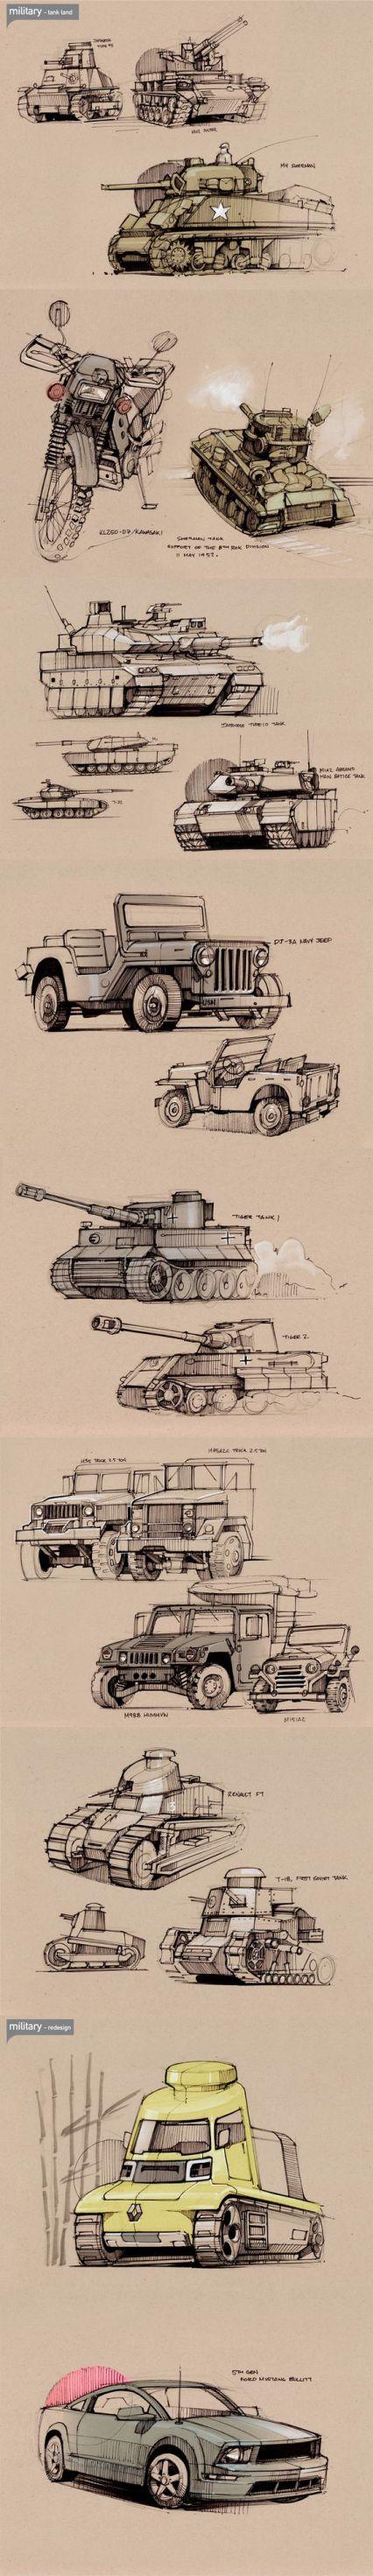 andrew-kim-2